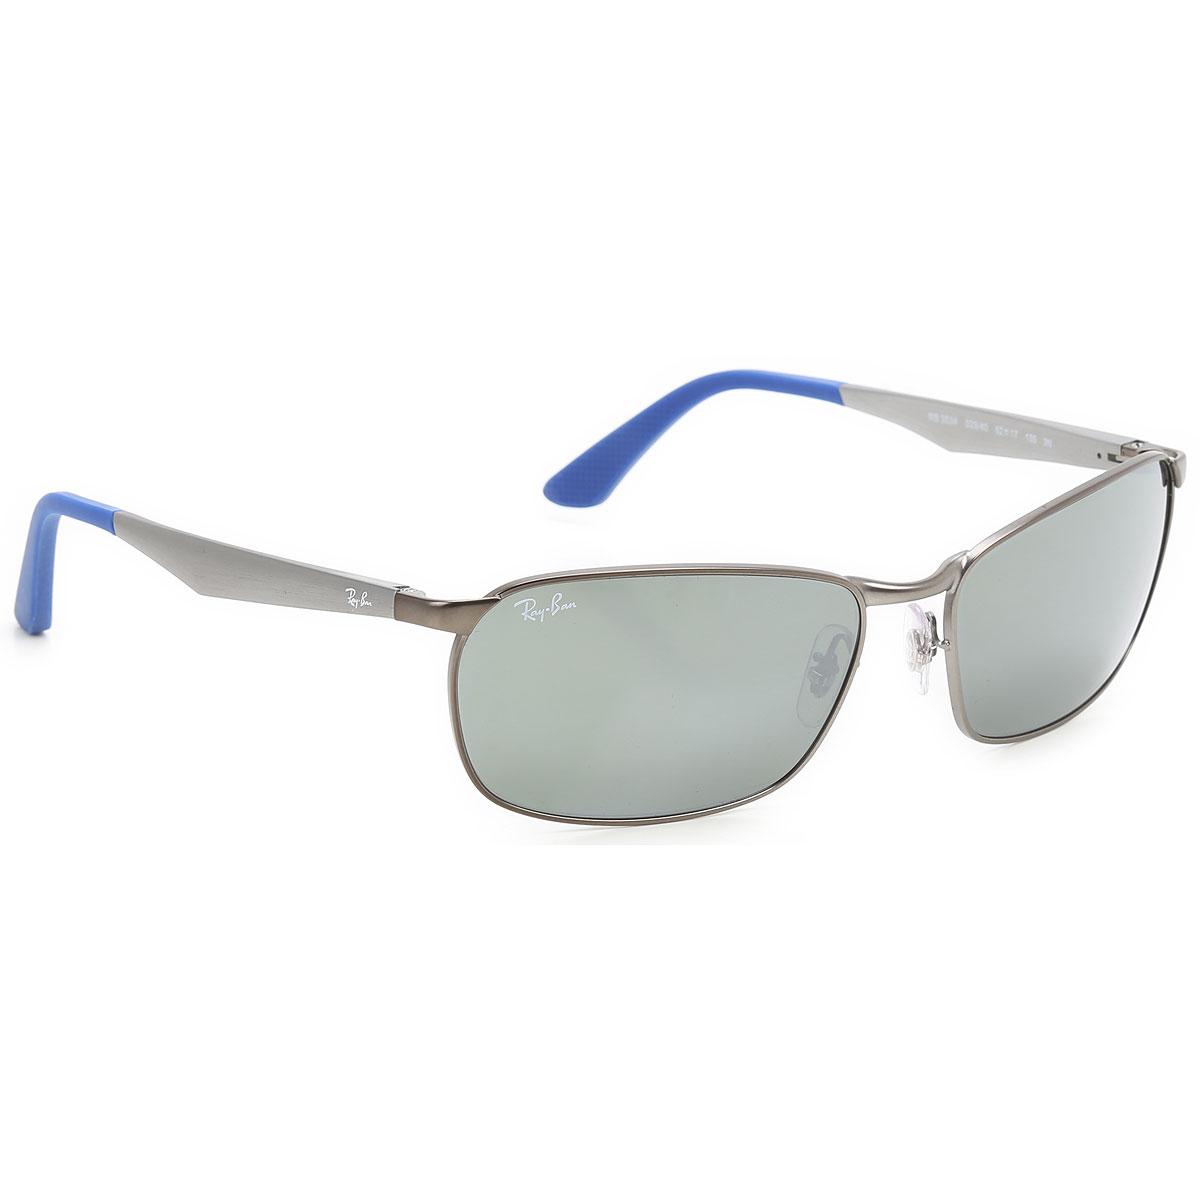 Ray Ban Sunglasses On Sale, 2017 USA-362891